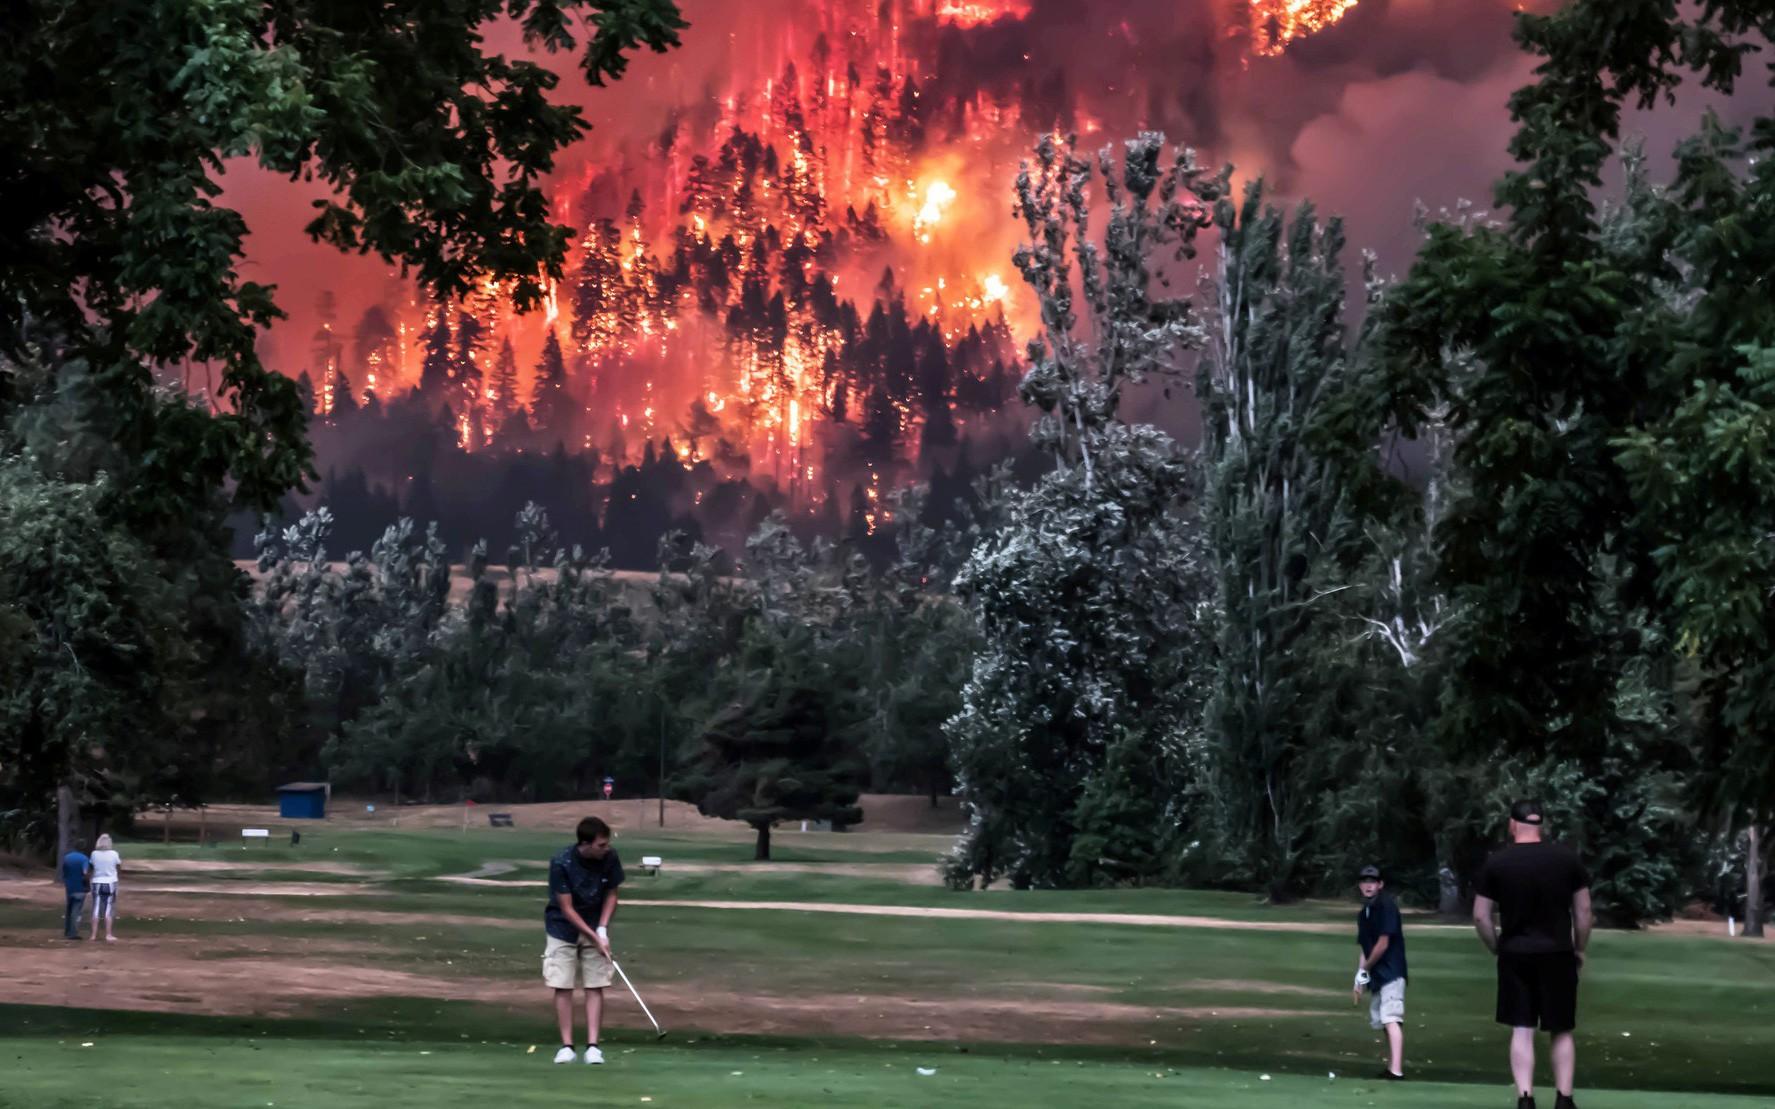 Thế giới đang đốt 306 tỷ USD mỗi năm vì không chịu bảo vệ môi trường